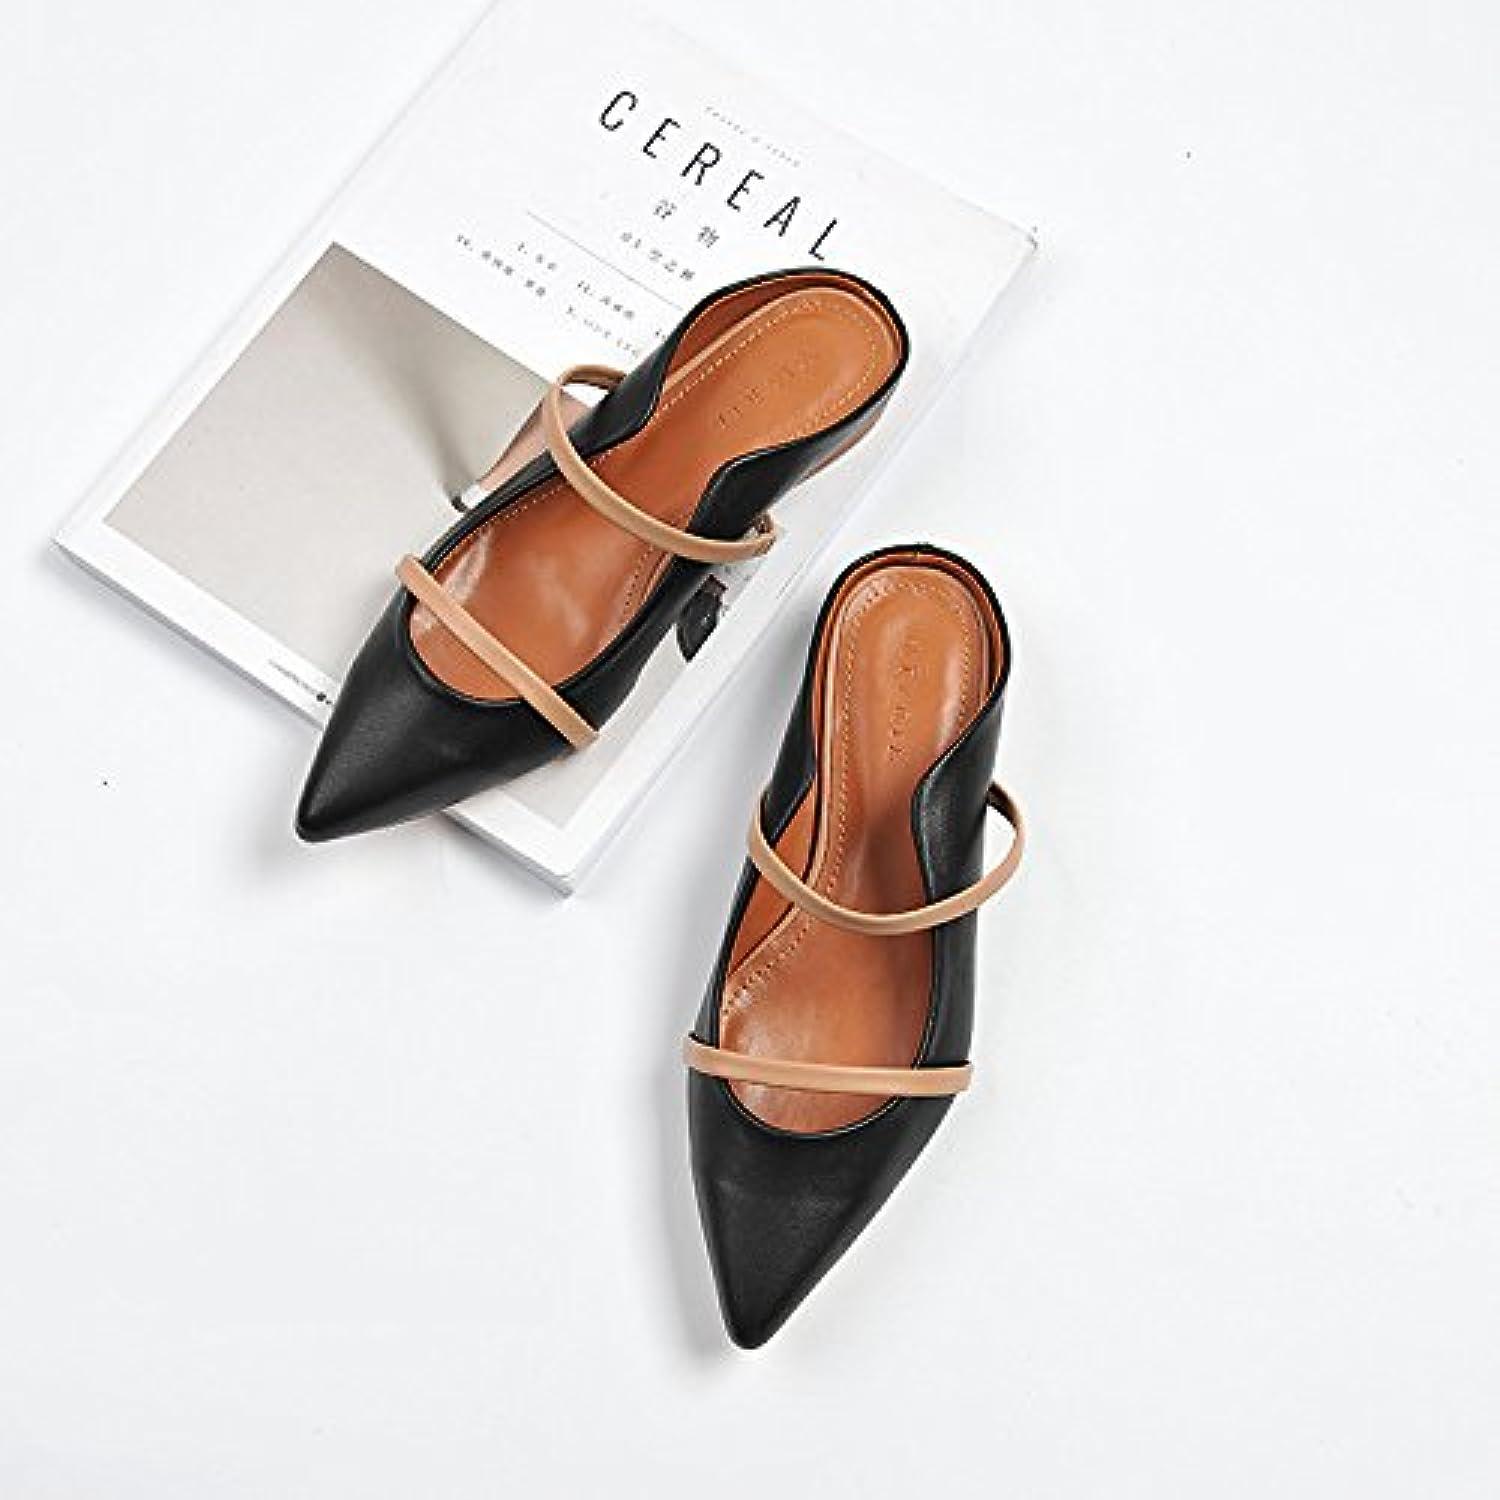 Bajo y zapatos de mujer dama luz de Punta Banda Müller elegante y versátil femeninos, recubiertos de cuero negro 39